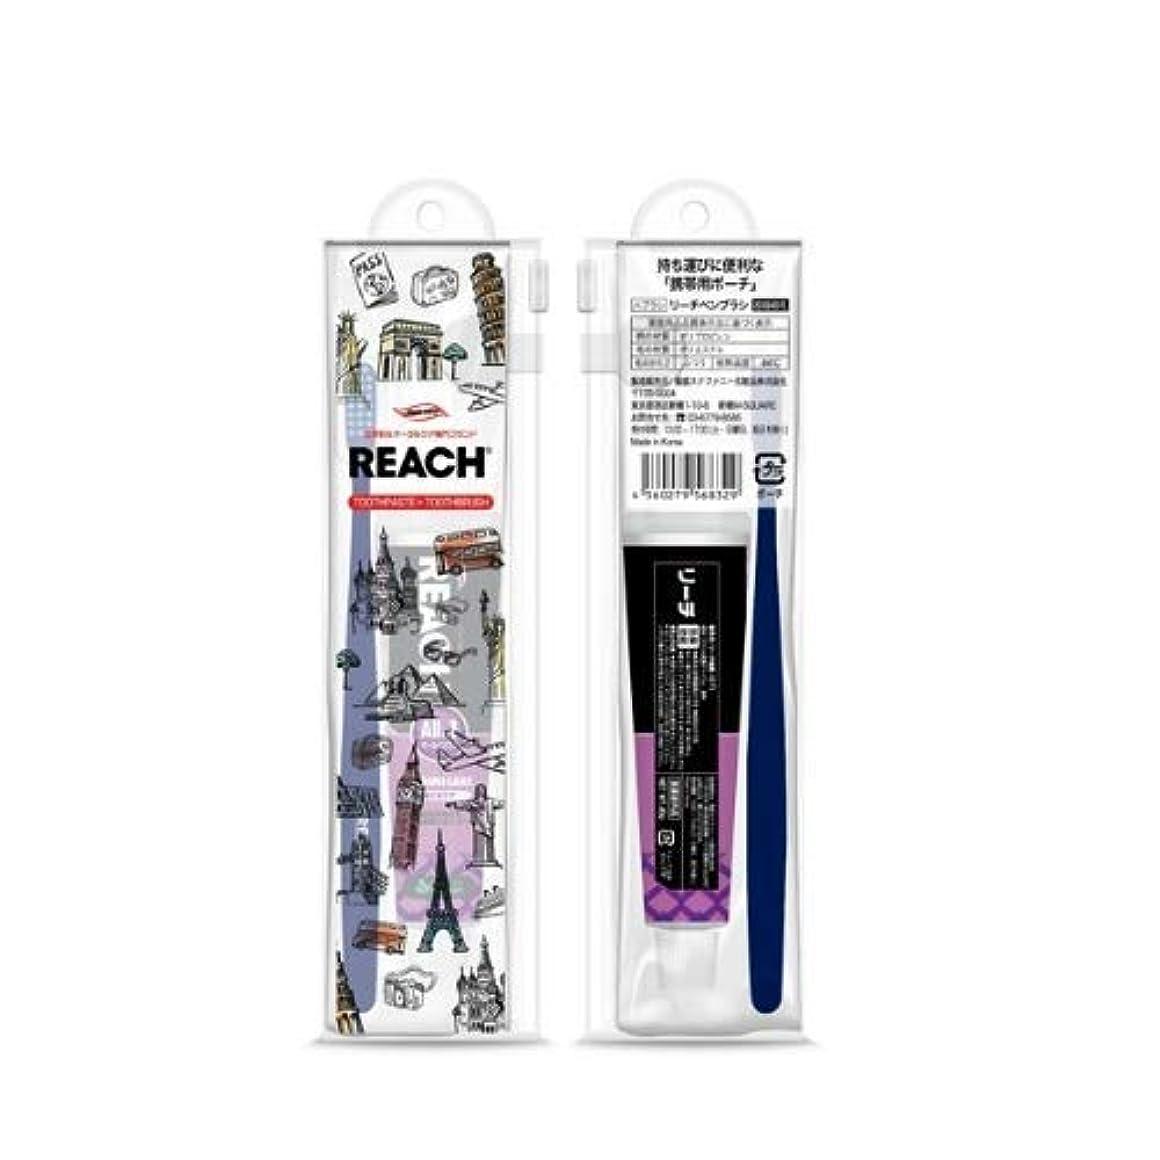 ラジウム親愛なキャラクターリーチトラベルセット(デンタル歯ブラシ1本?薬用歯みがき40g) × 3個セット